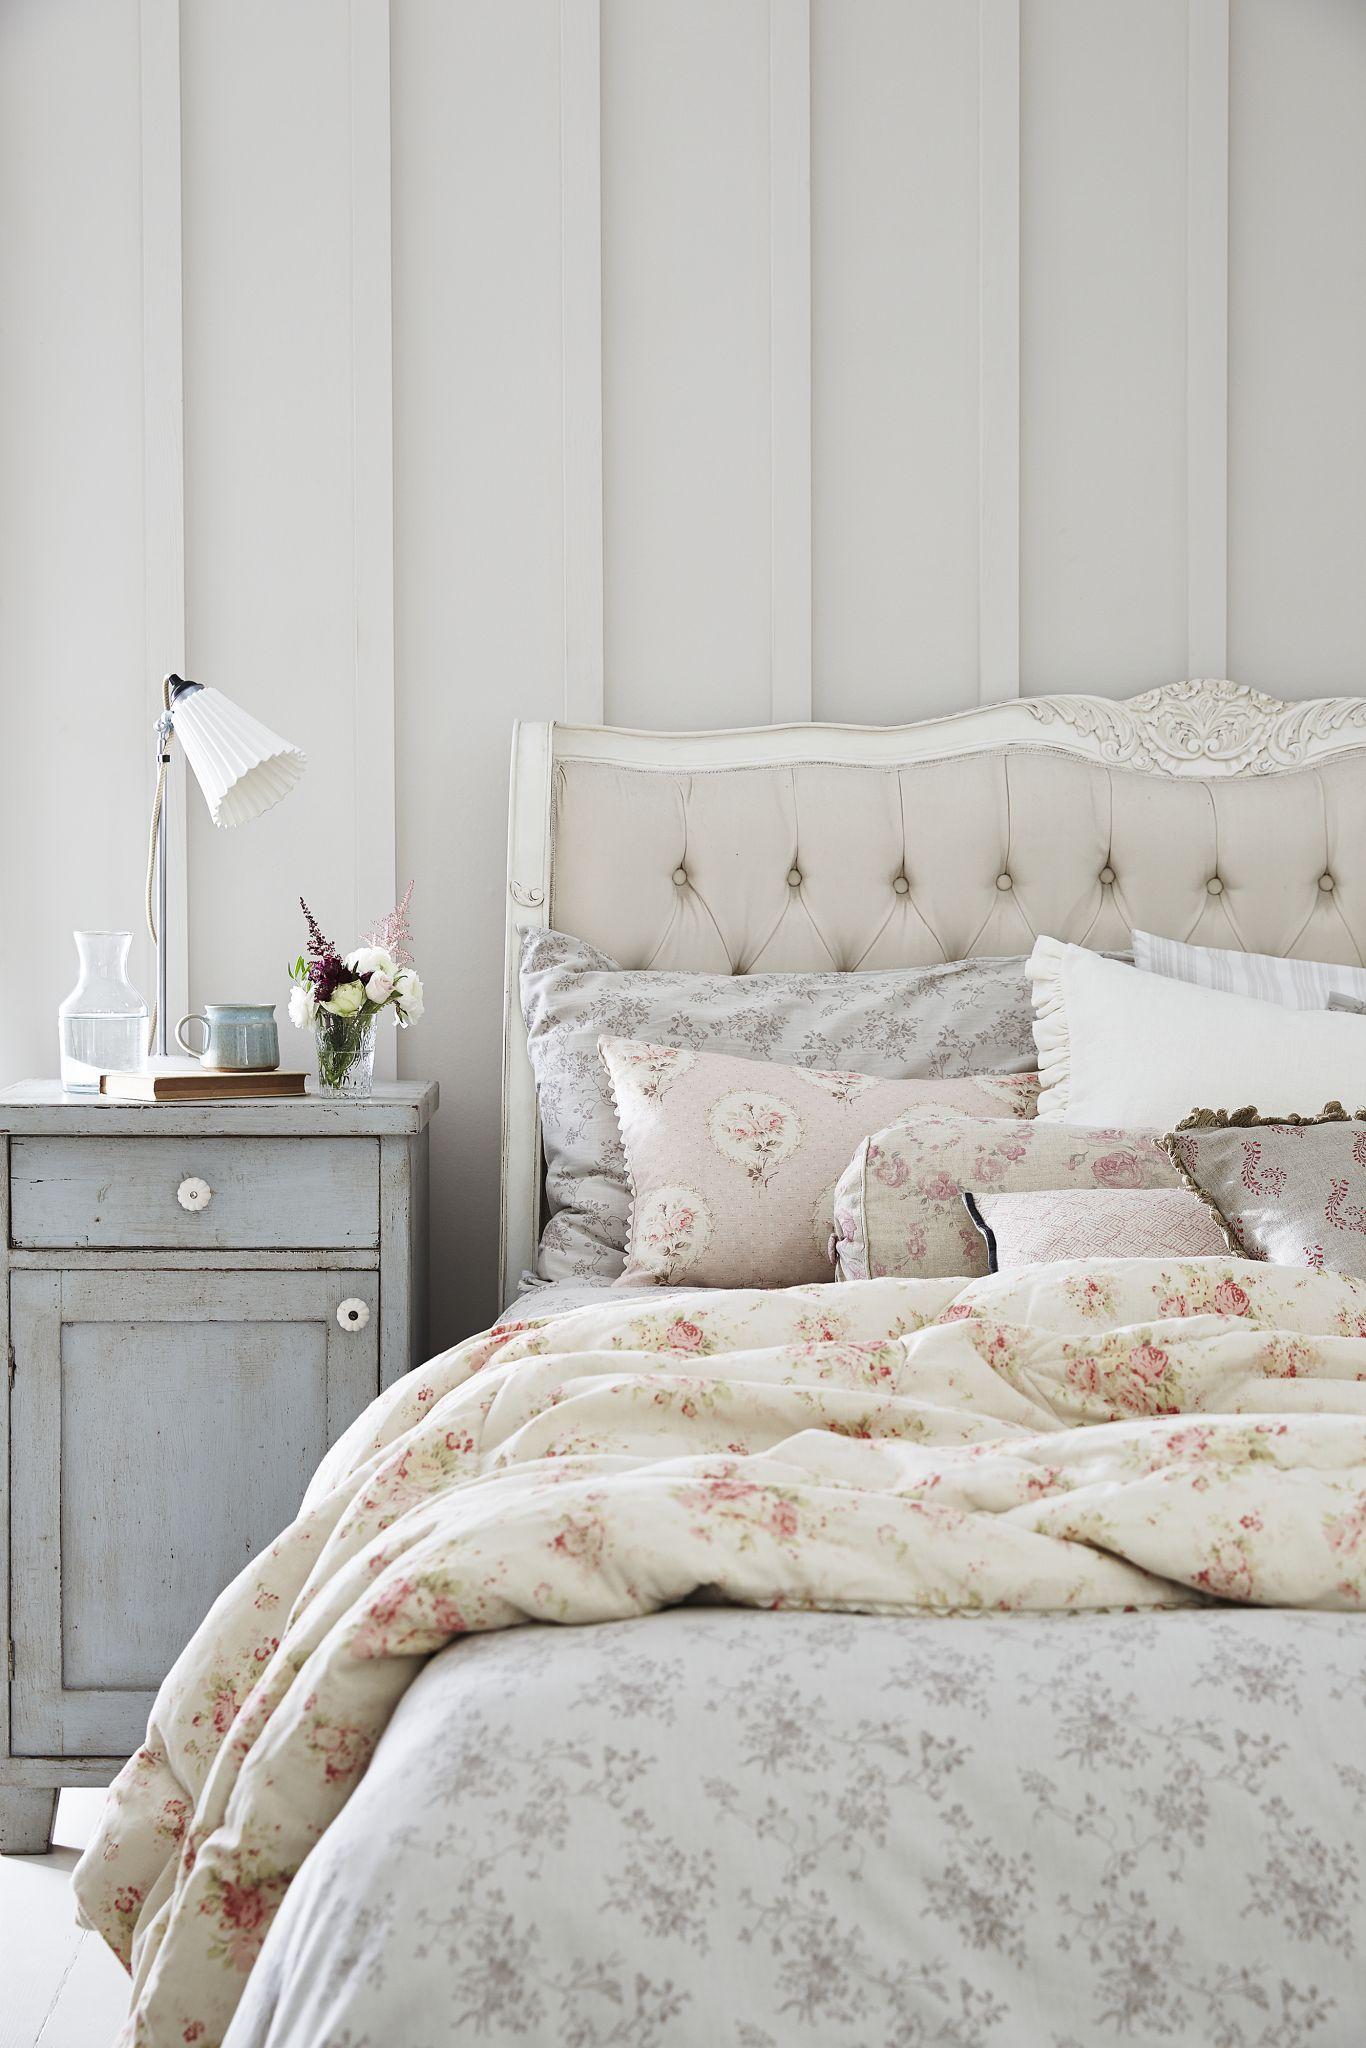 La camera da letto in stile francese | Shabby Chic Mania by Grazia ...